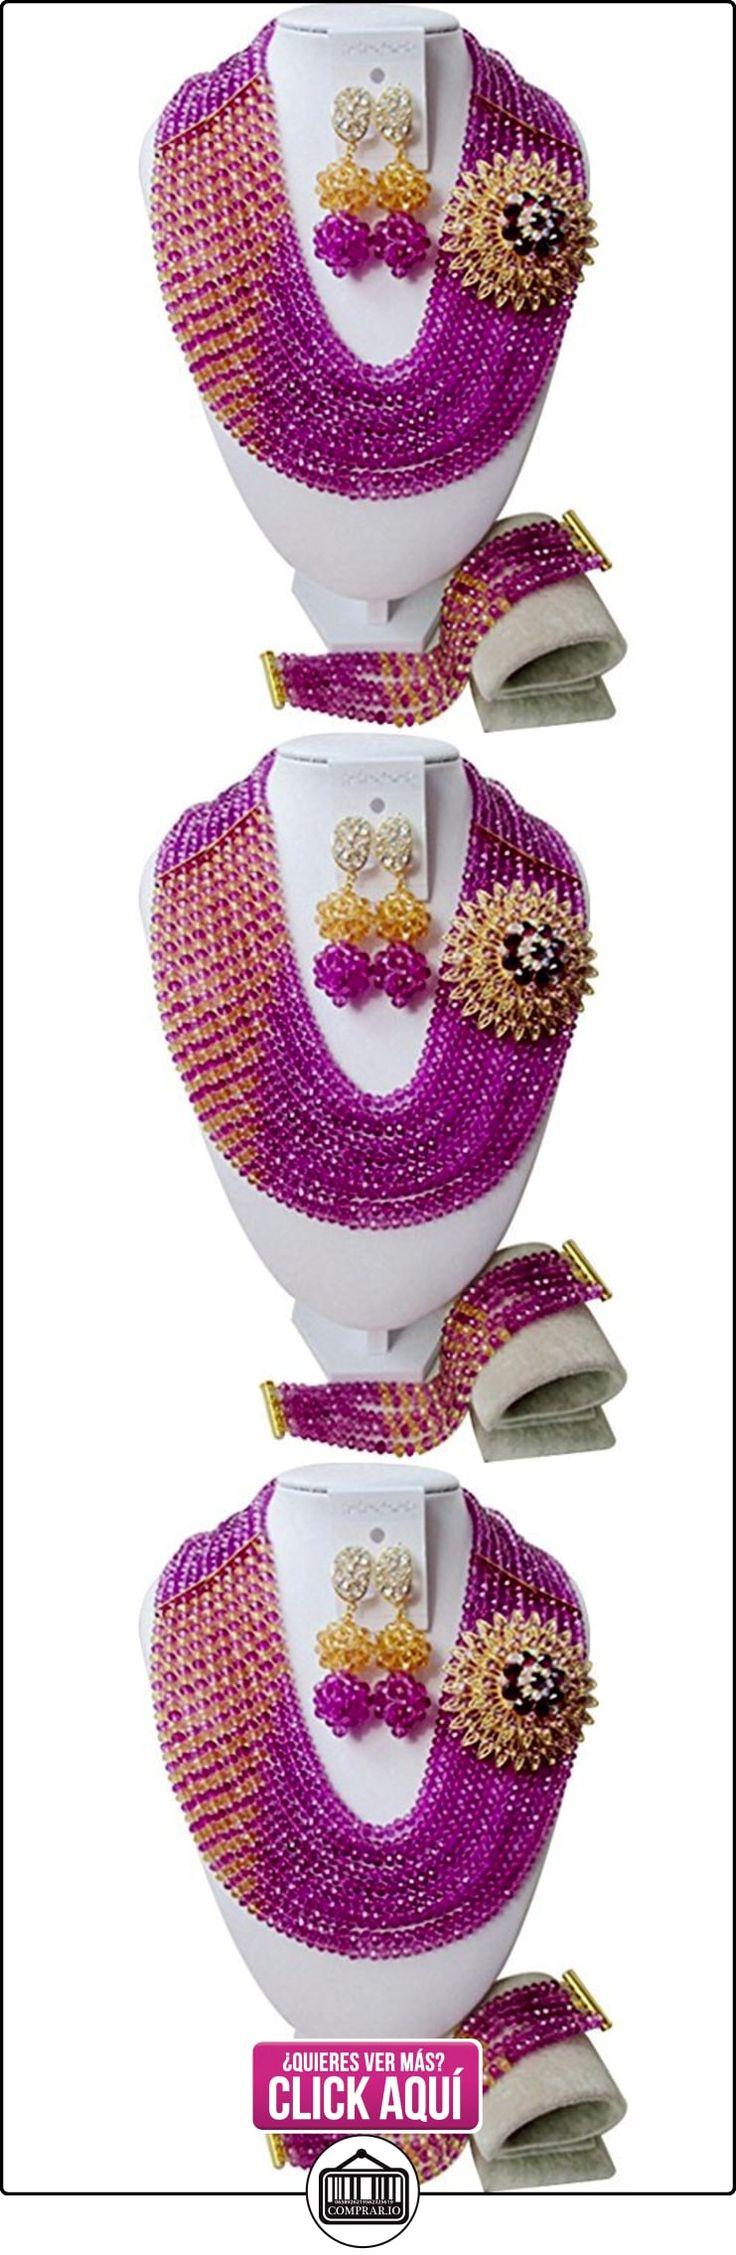 laanc Sylish Niñas boda nigeriano cuentas africanos joyería conjuntos regalo 10filas rosa y oro champán cristal a00057  ✿ Joyas para niñas - Regalos ✿ ▬► Ver oferta: https://comprar.io/goto/B01N9OQU1Z